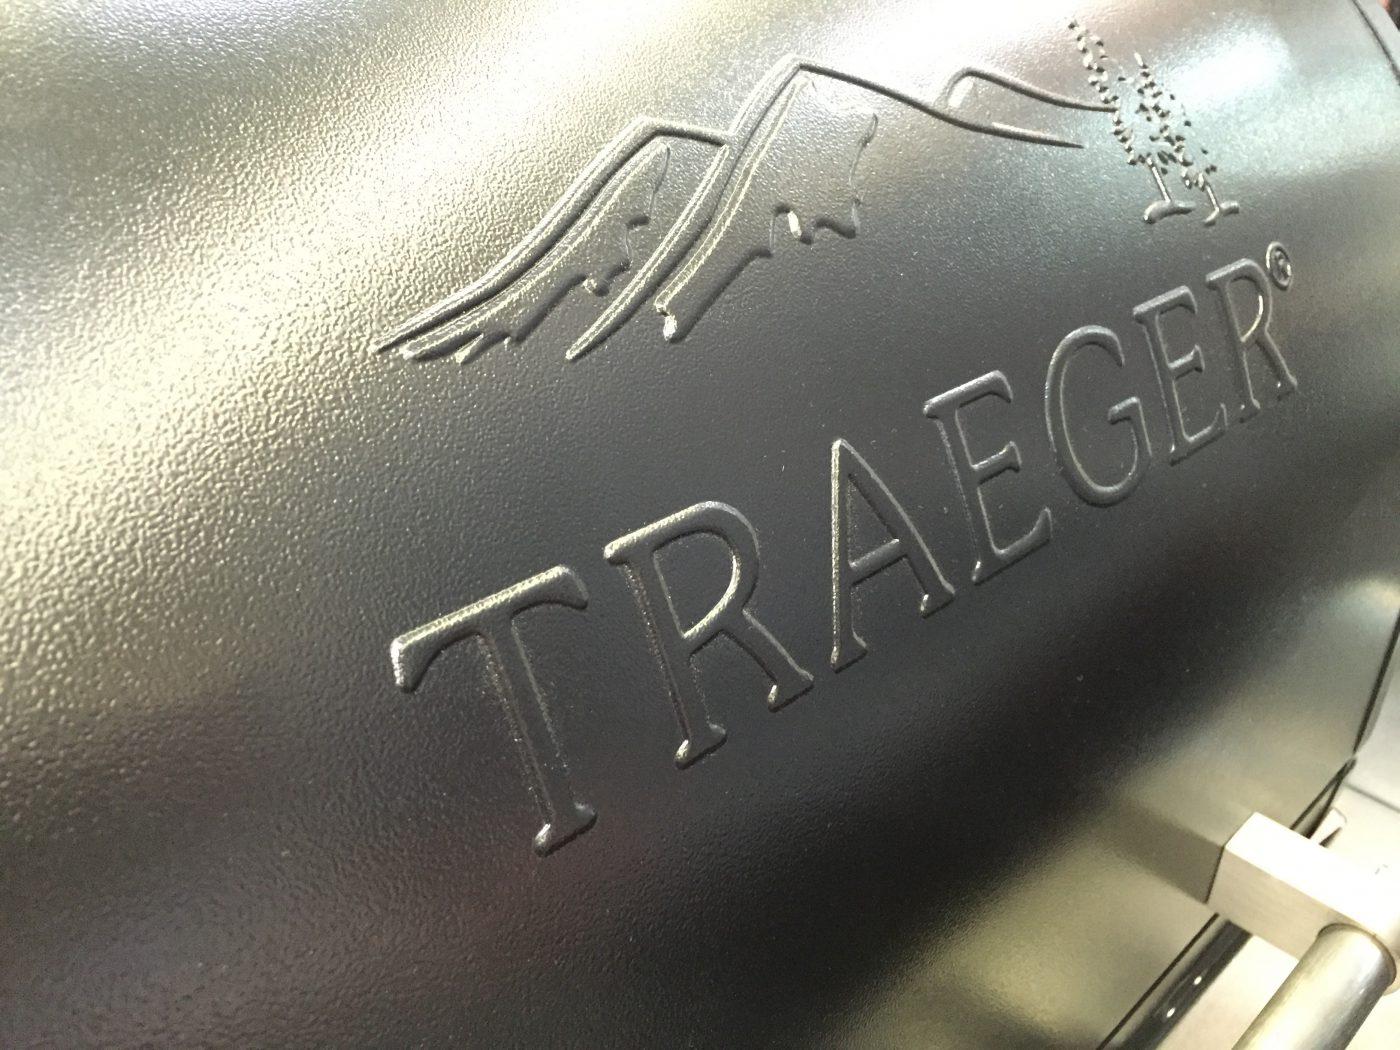 Der neue Timberline von Traeger